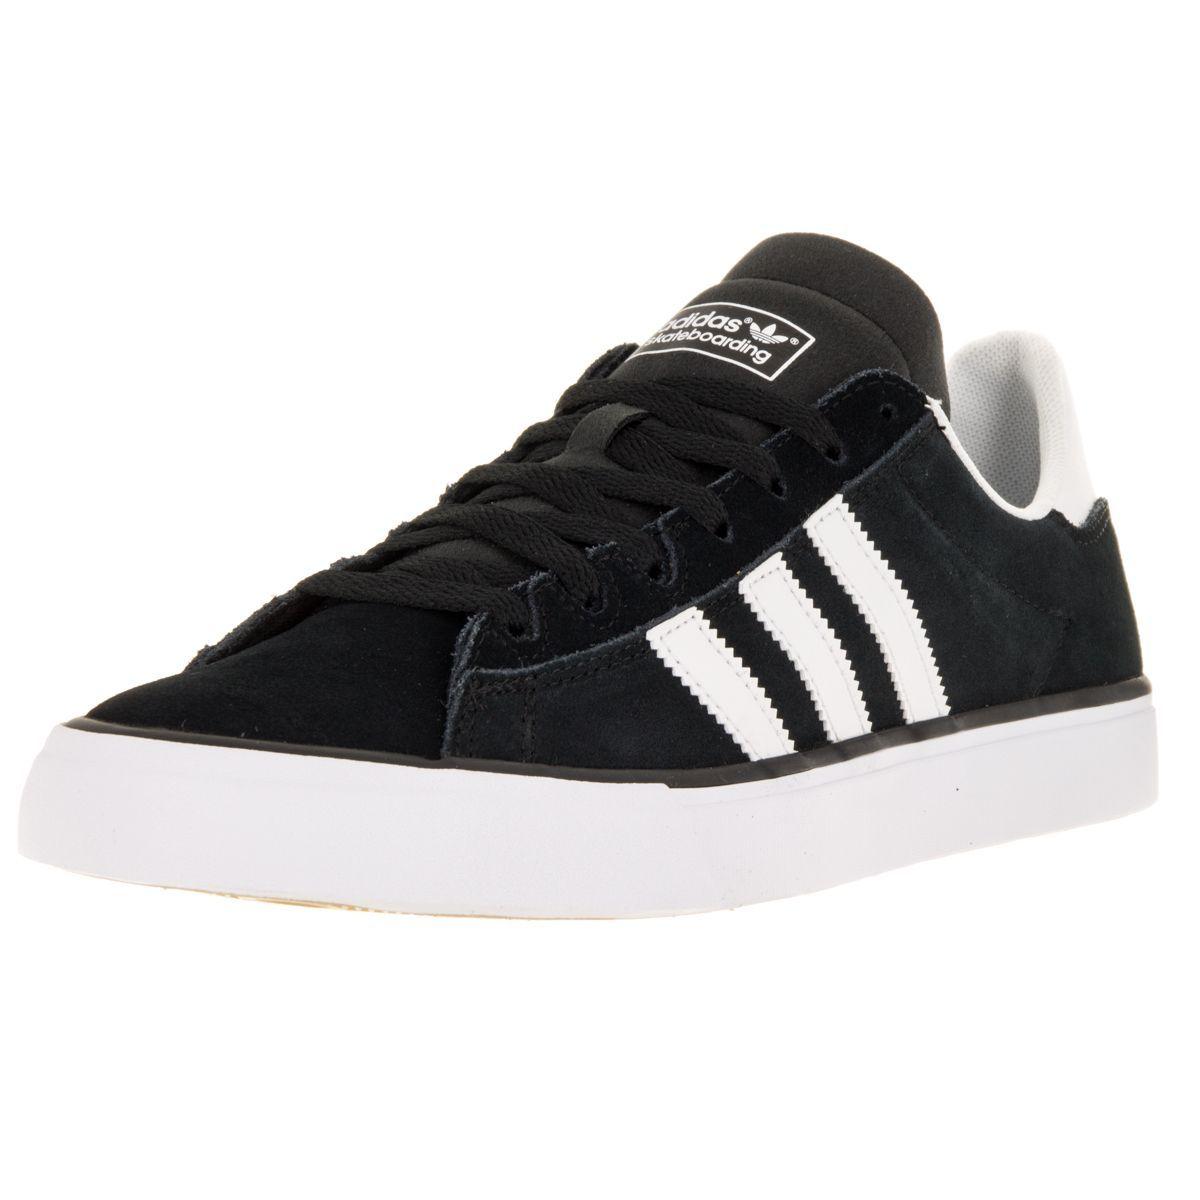 size 40 22754 fa45c Adidas Men s Campus Vulc Ii  White Gum3 Skate Shoe. Los Hombres De ...